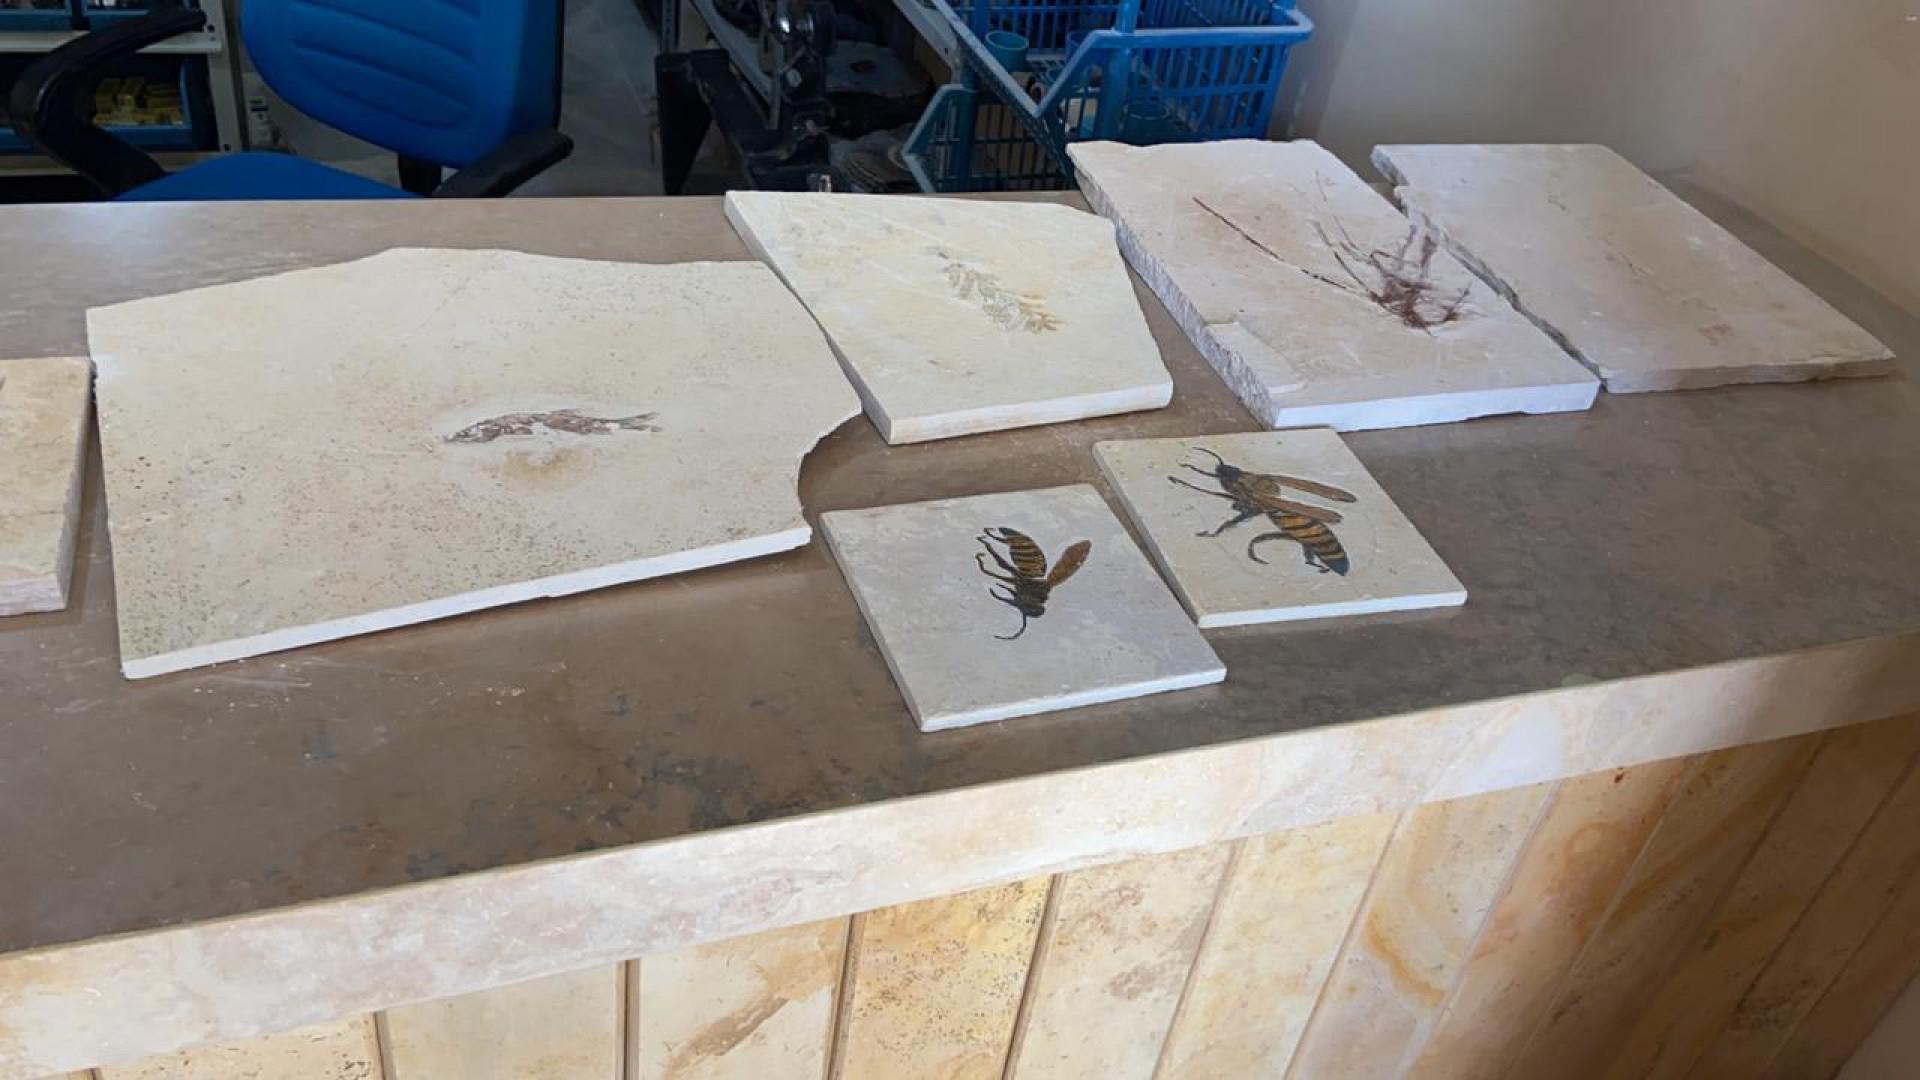 Lá, paleontólogos escavam um nº absurdo de fósseis bem conservados. O grupo dos insetos é o maior: 230 espécies.